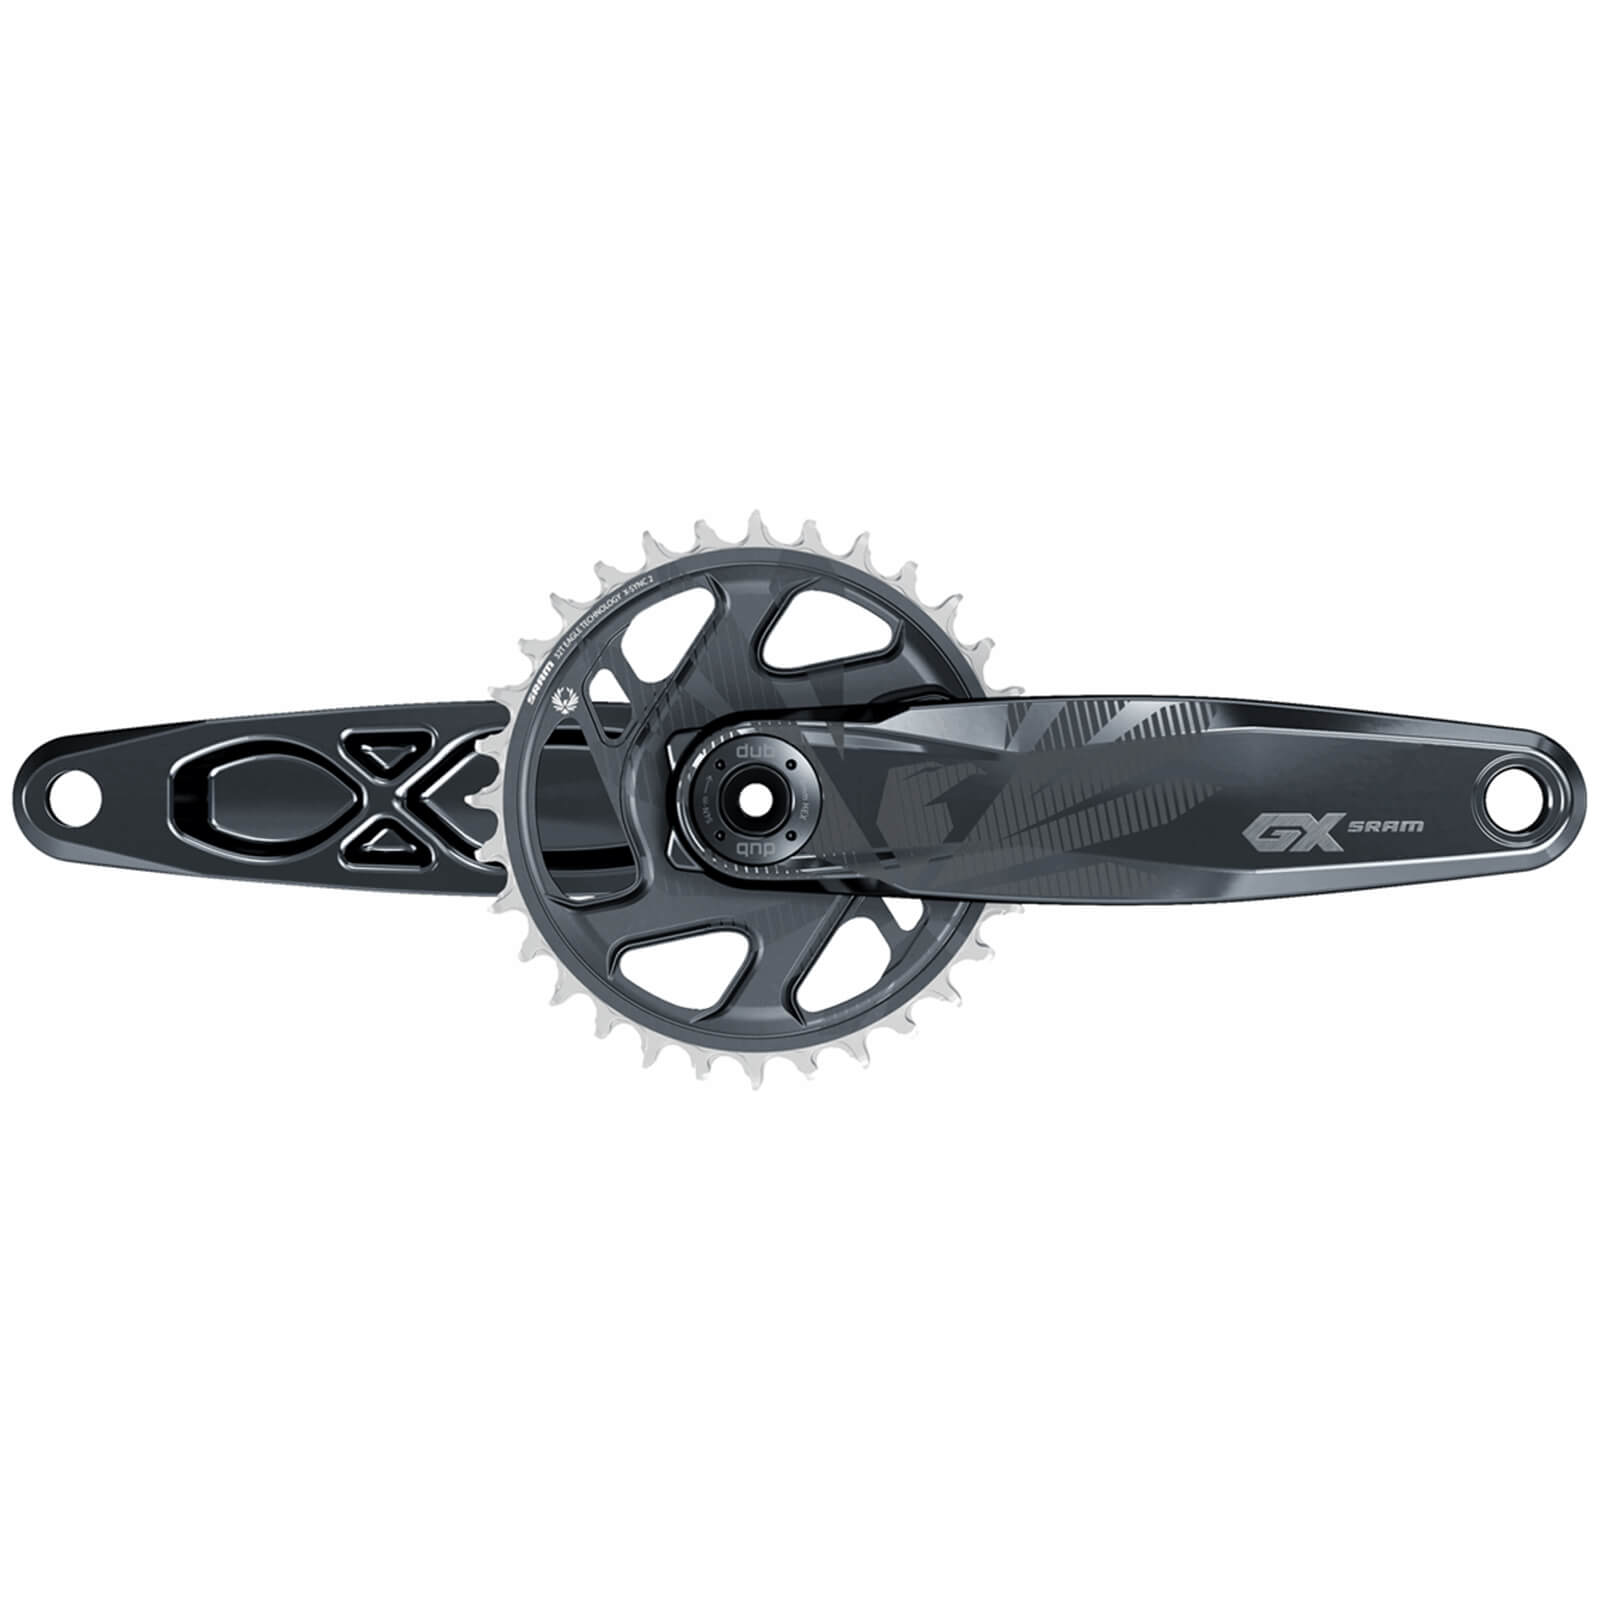 Sram Gx Eagle Boost Dub 12 Speed Chainset - 32t X 170mm